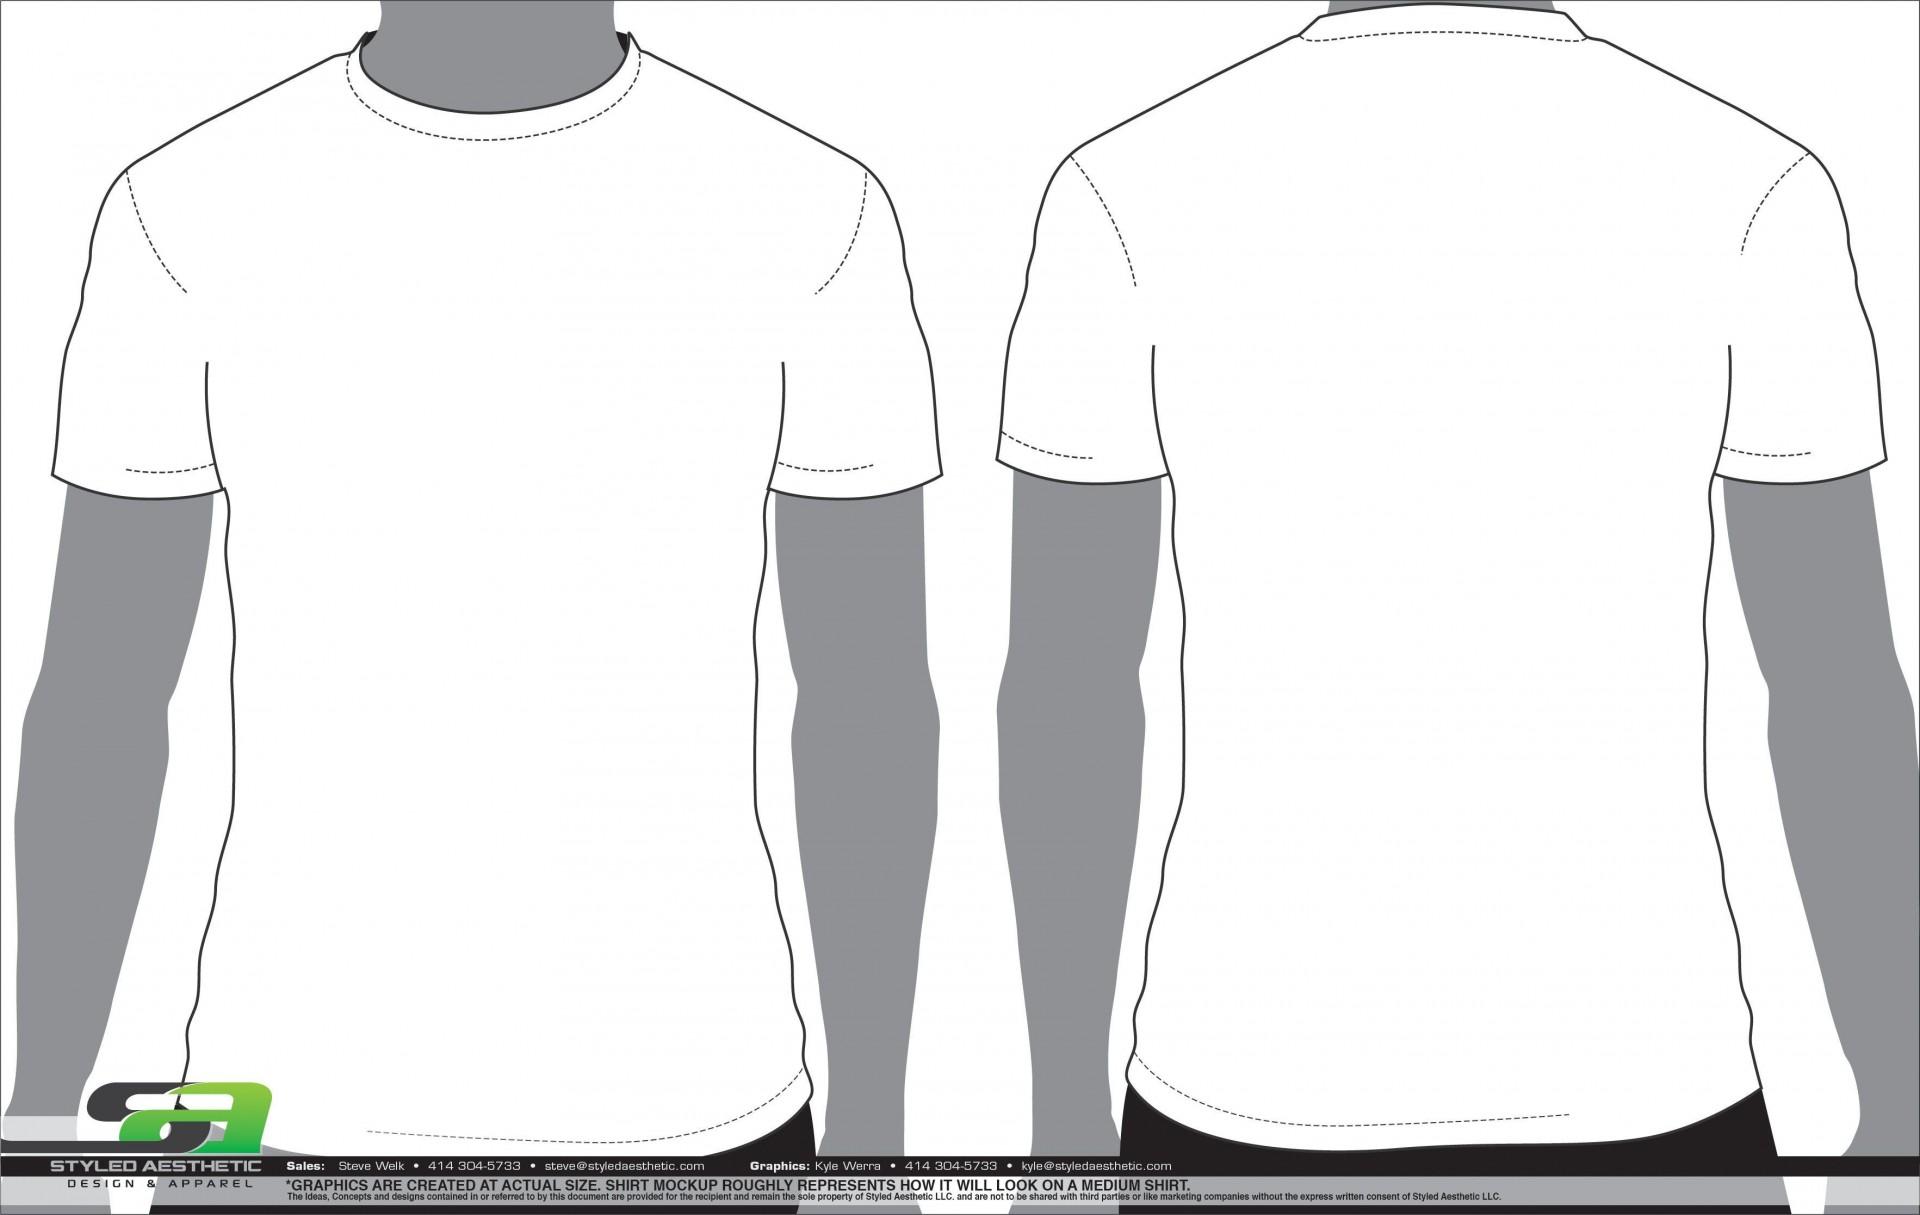 001 Unbelievable Tee Shirt Design Template Ai High Resolution 1920